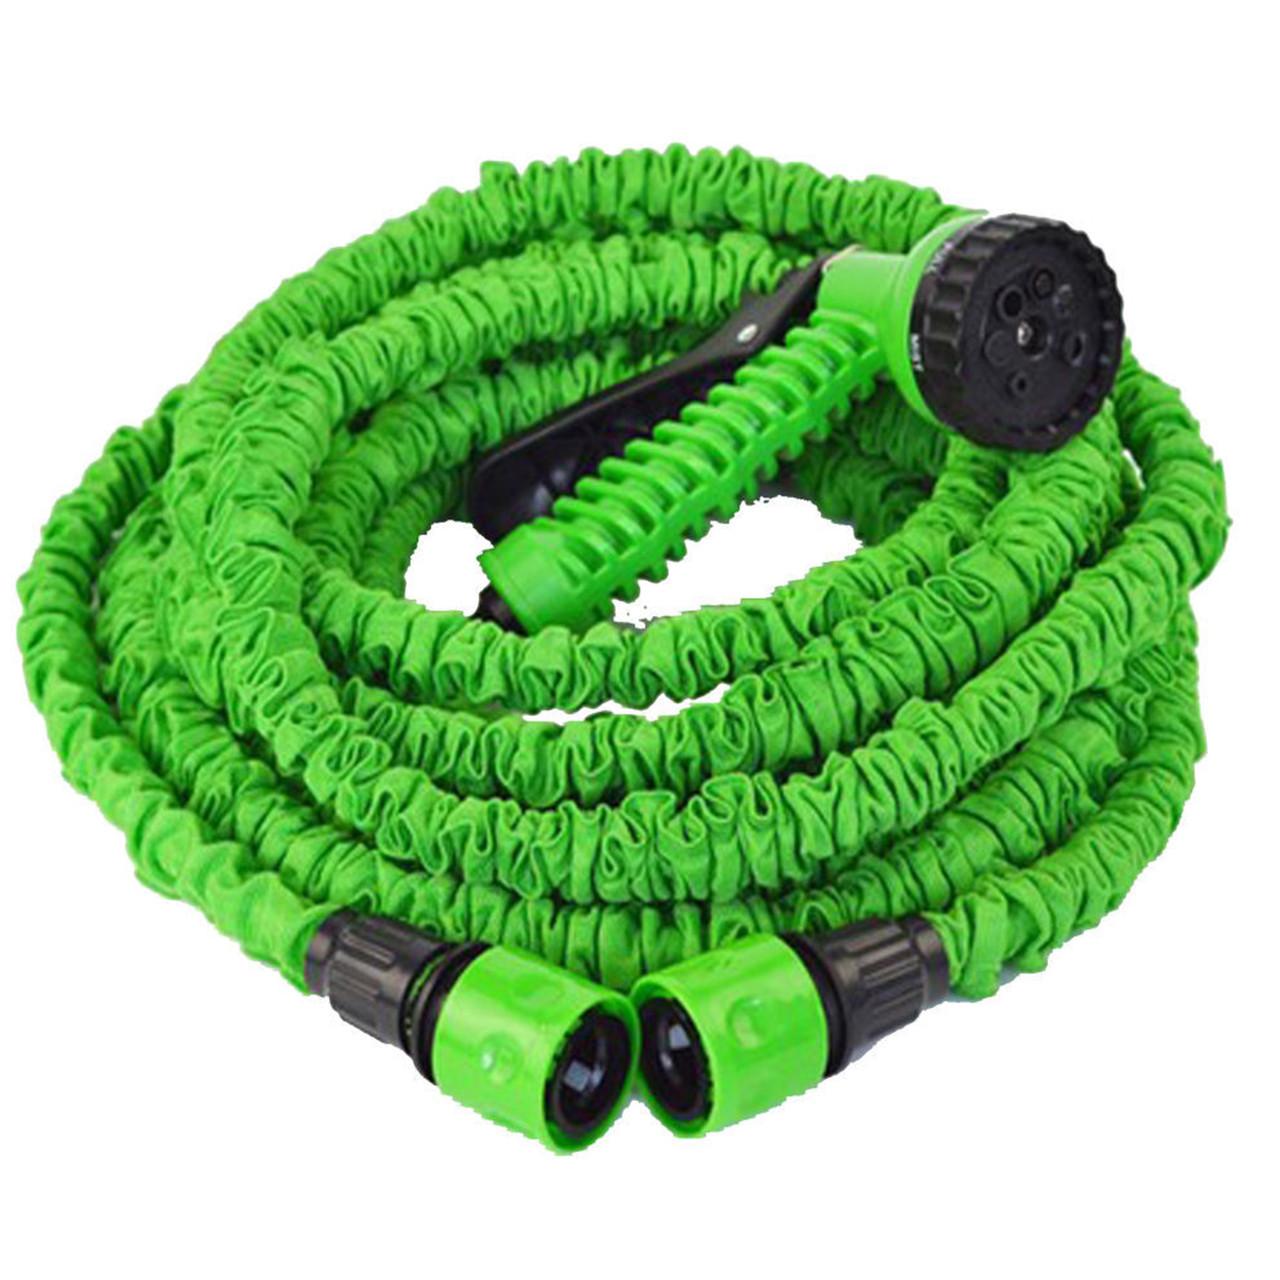 Шланг для полива растяжной Хhose 37.5 м Зеленый